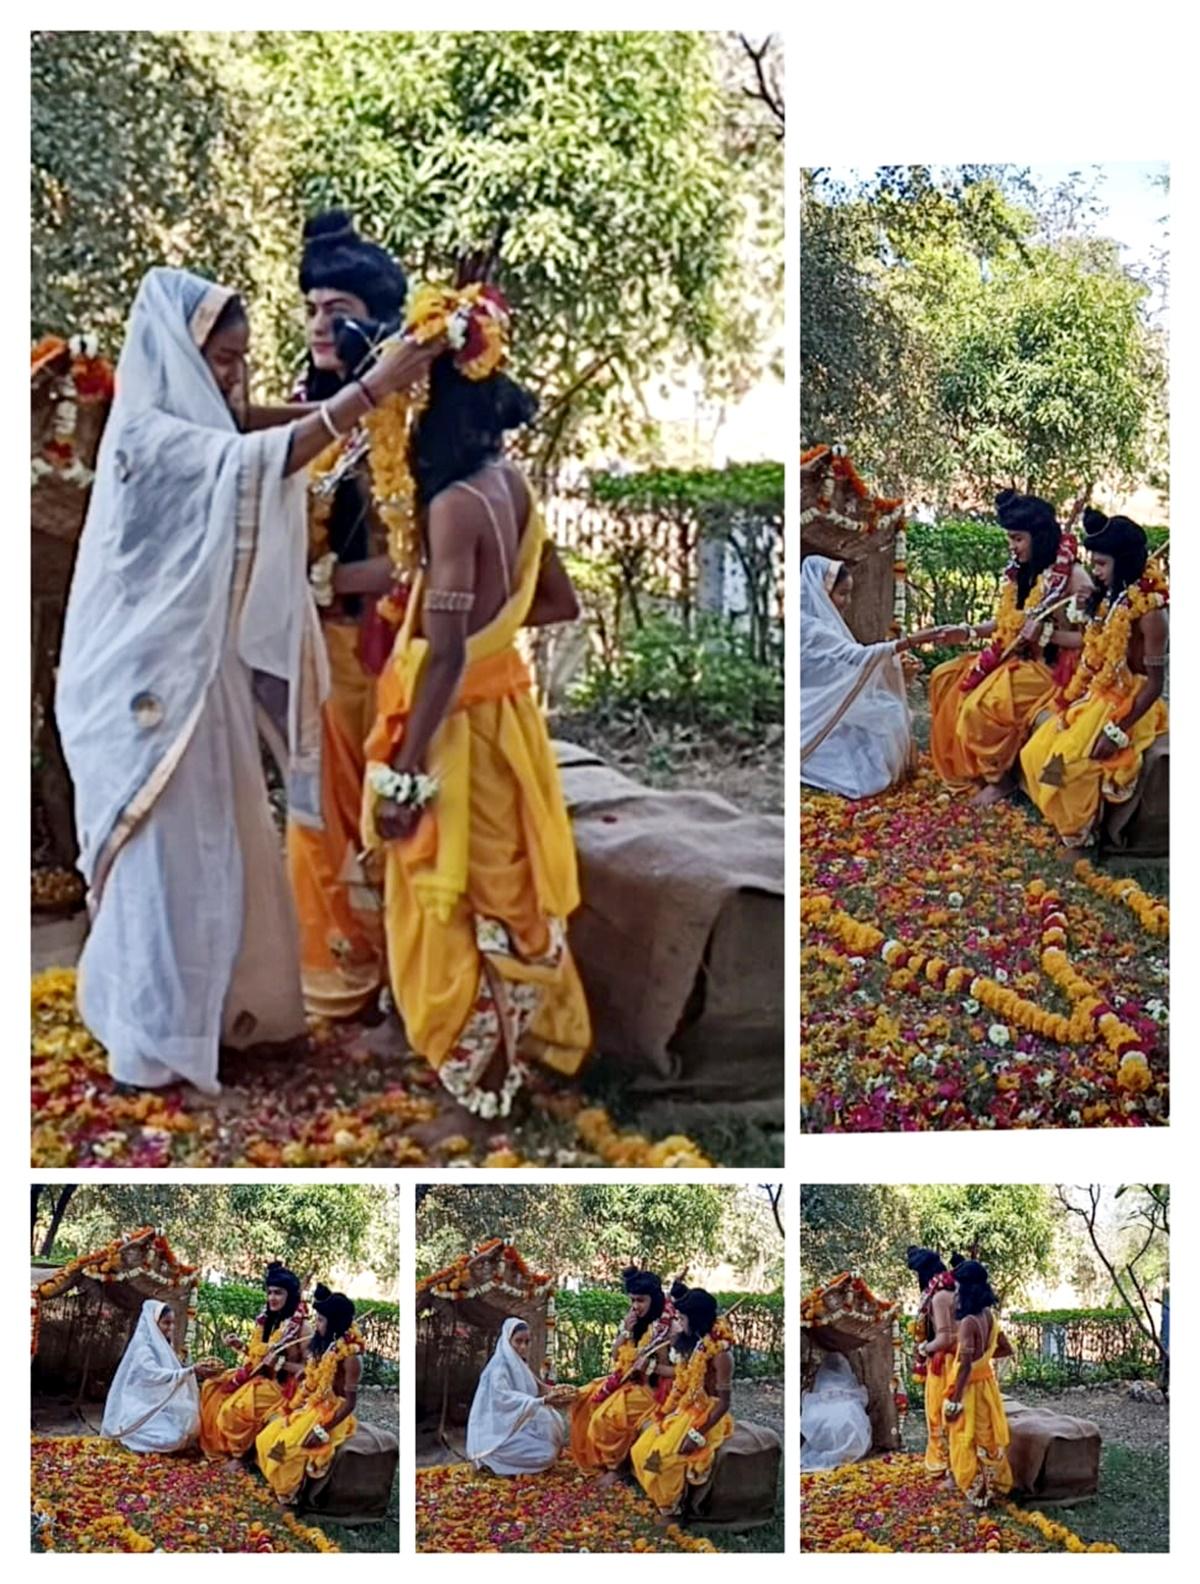 शारदा विद्या मंदिर विलिड्येज में मनाया गया शबरी उत्सव, जीवंत झांकी का किया प्रस्तुतिकरण